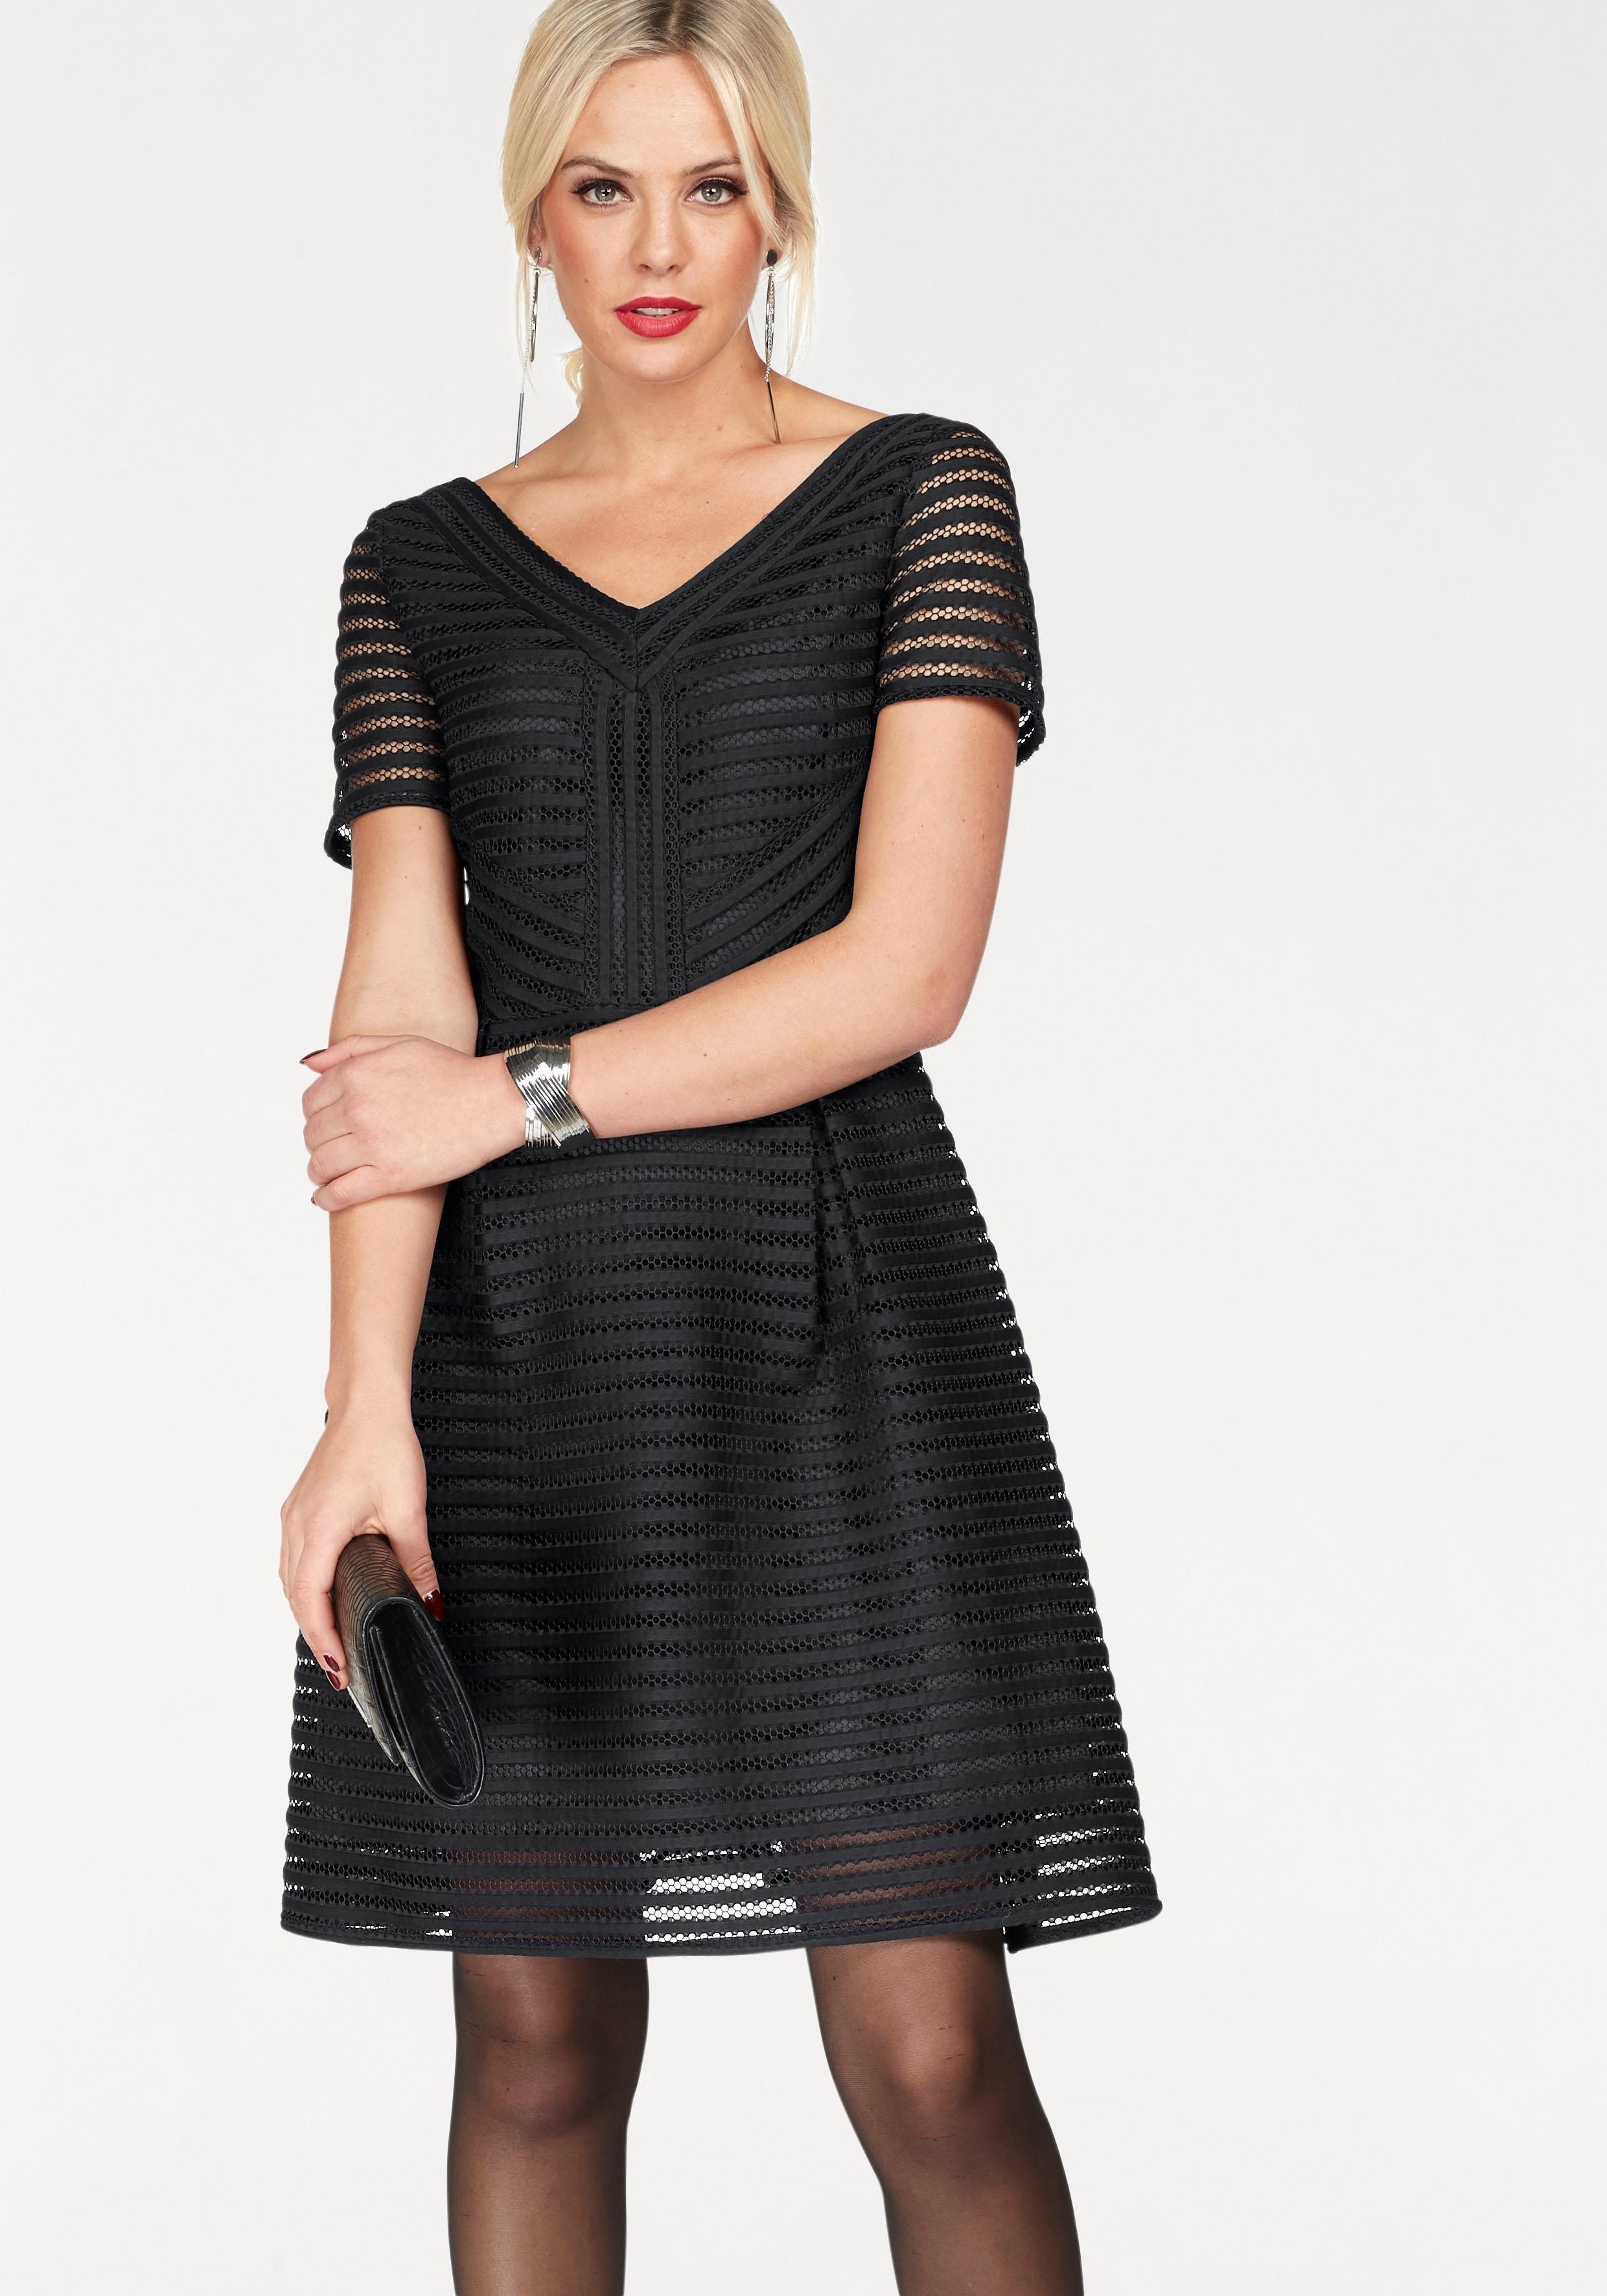 Feestelijke jurk met lange mouwen